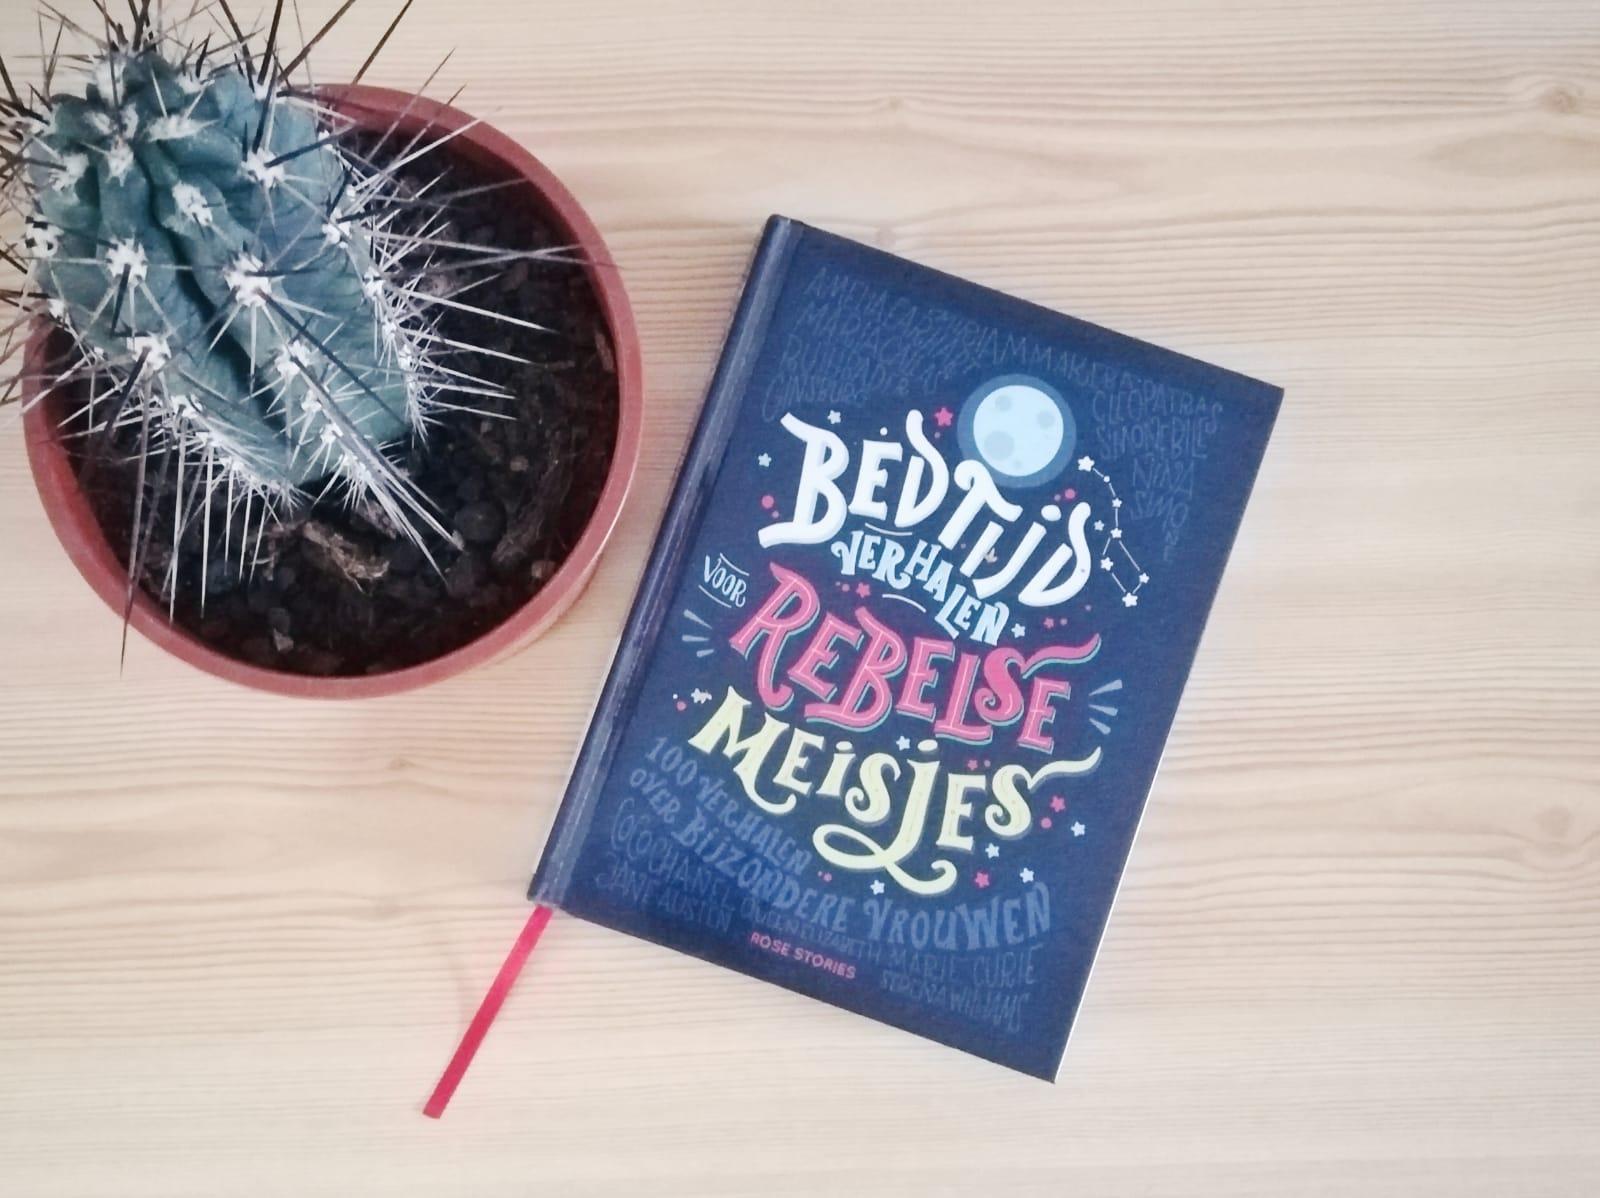 Recensie: Bedtijdverhaen voor rebelse meisjes - ROSE stories | Marieke's Books